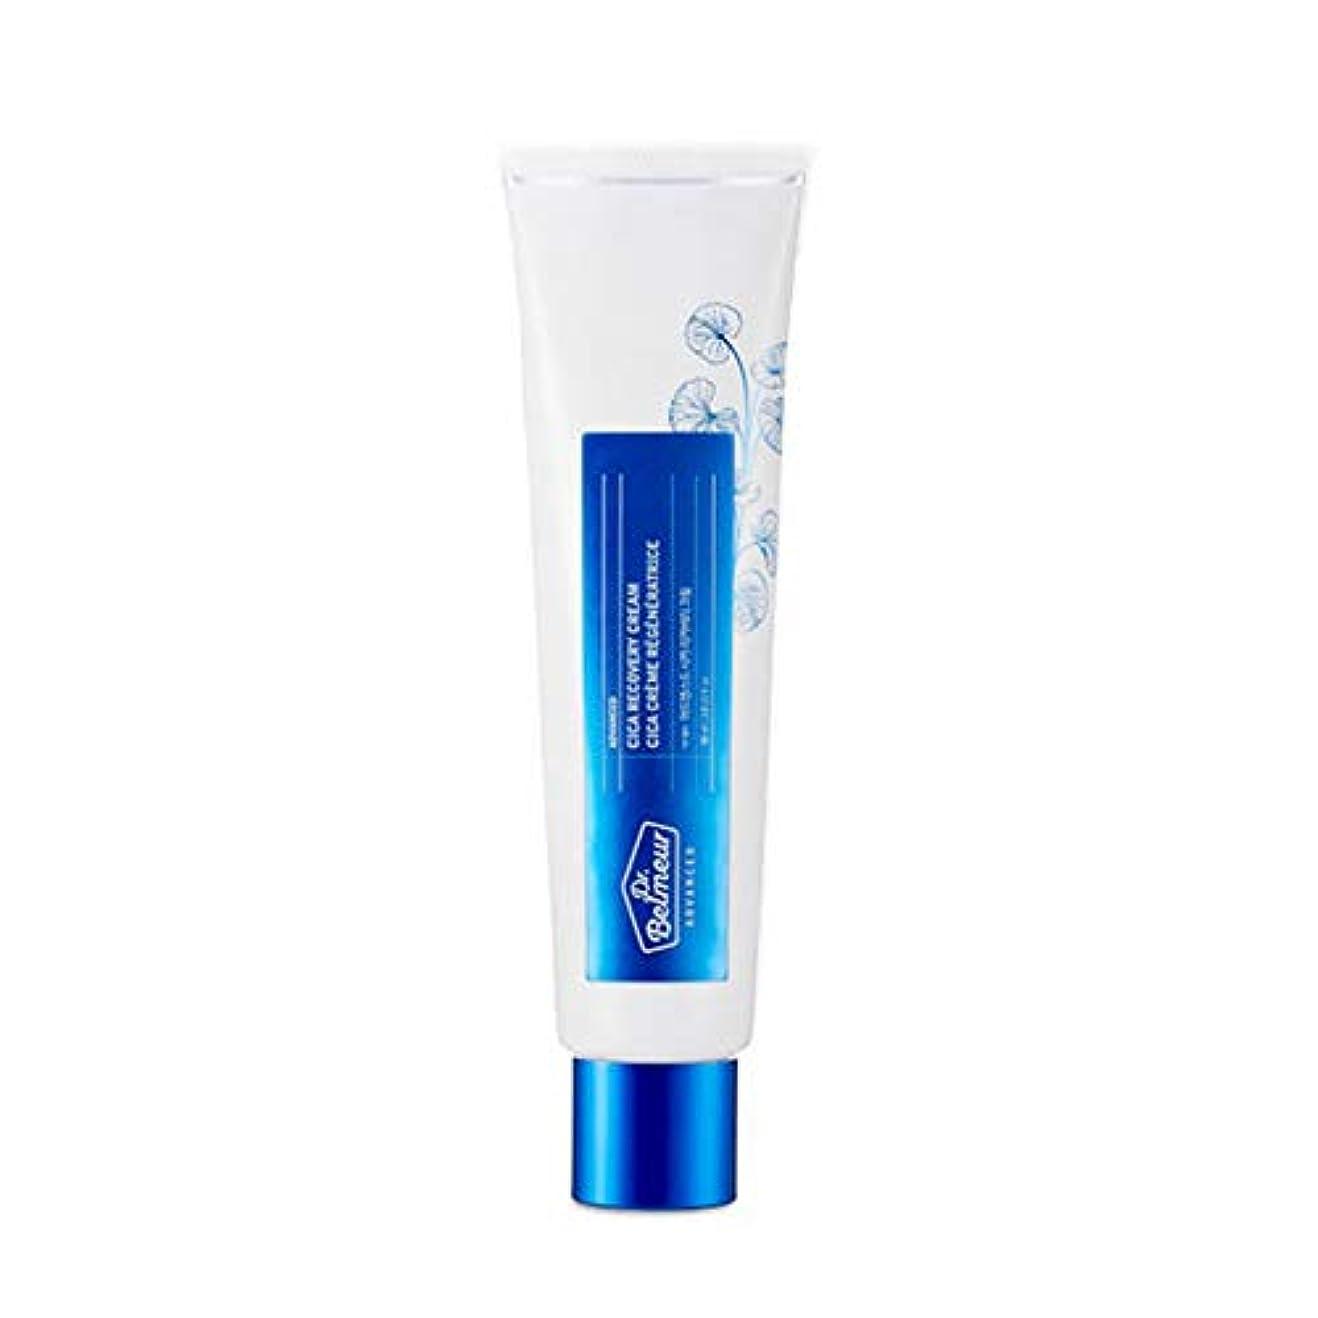 怠混沌蚊ザ?フェイスショップドクターベルモアドバンスドシカリカバリークリーム60ml 韓国コスメ、The Face Shop Dr.Belmeur Advanced Cica Recovery Cream 60ml Korean...